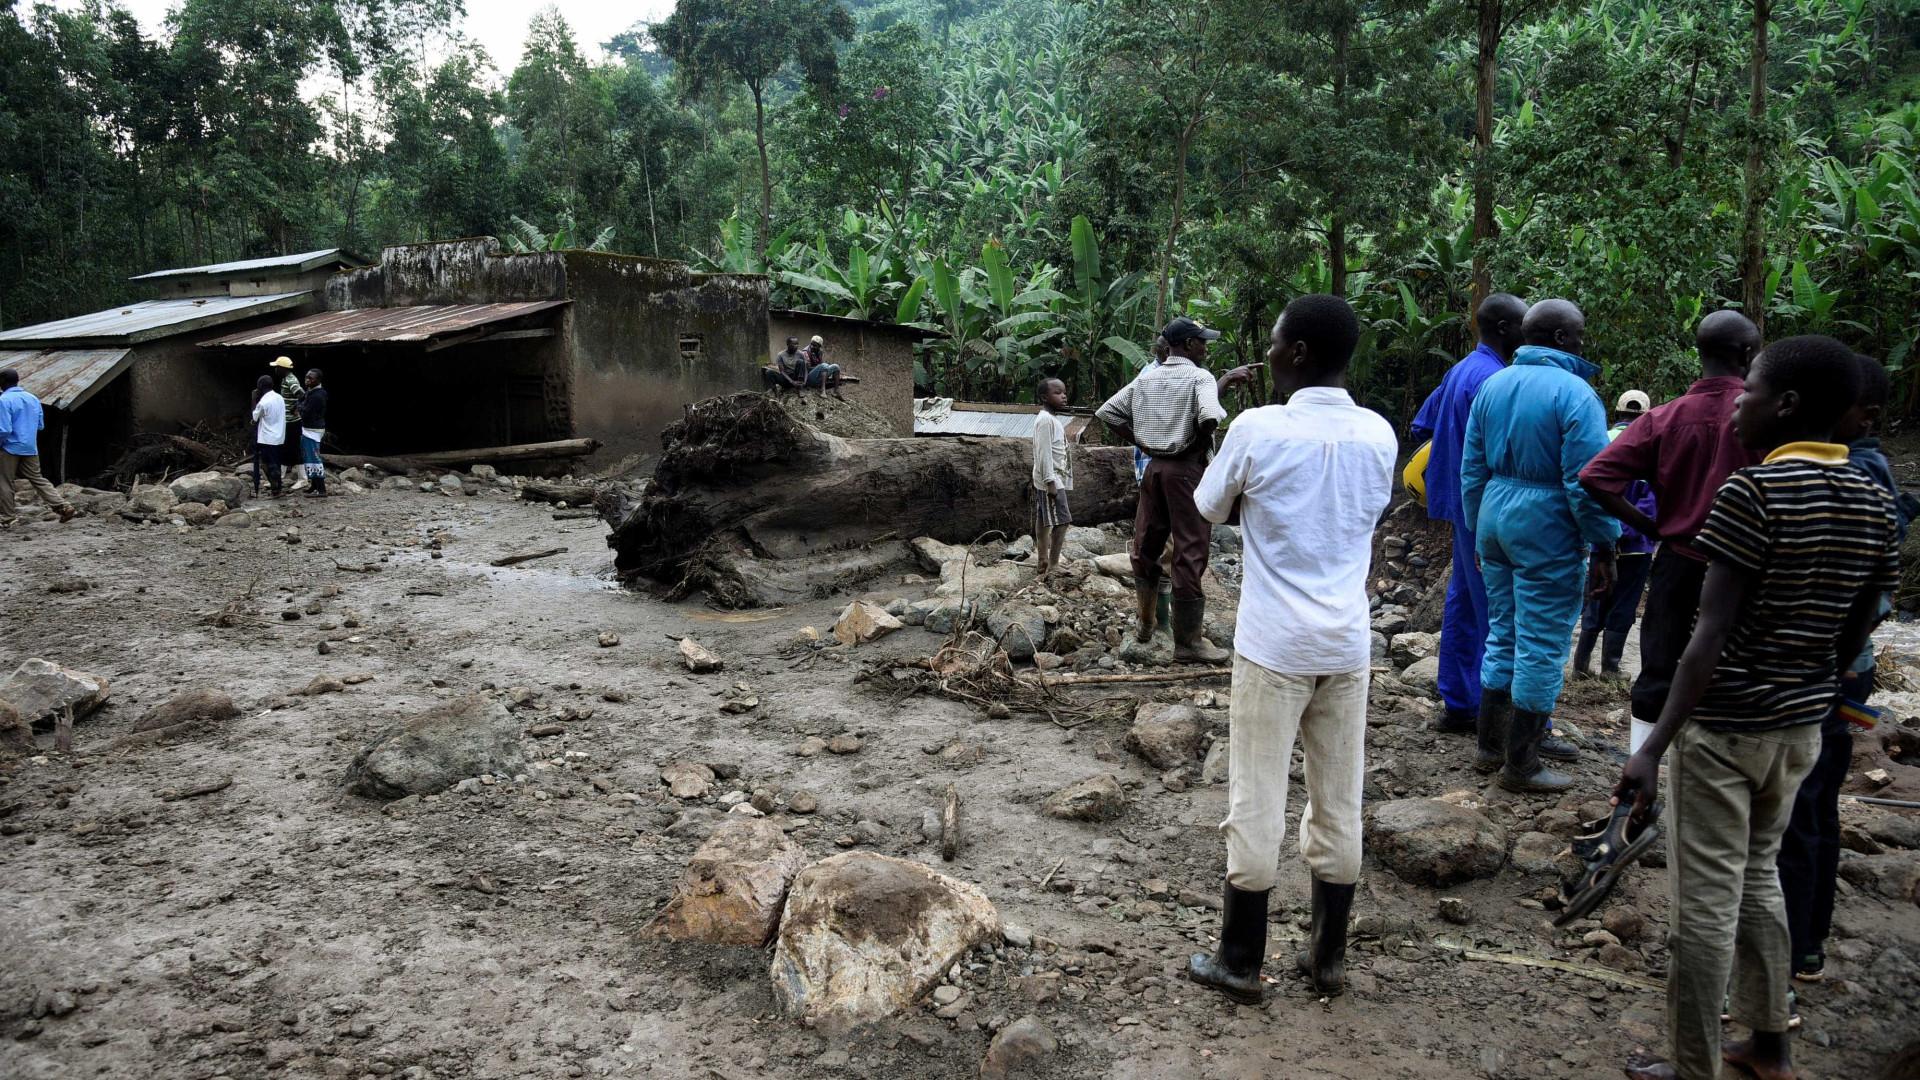 Deslizamento de terra deixa pelo menos 40 mortos em Uganda